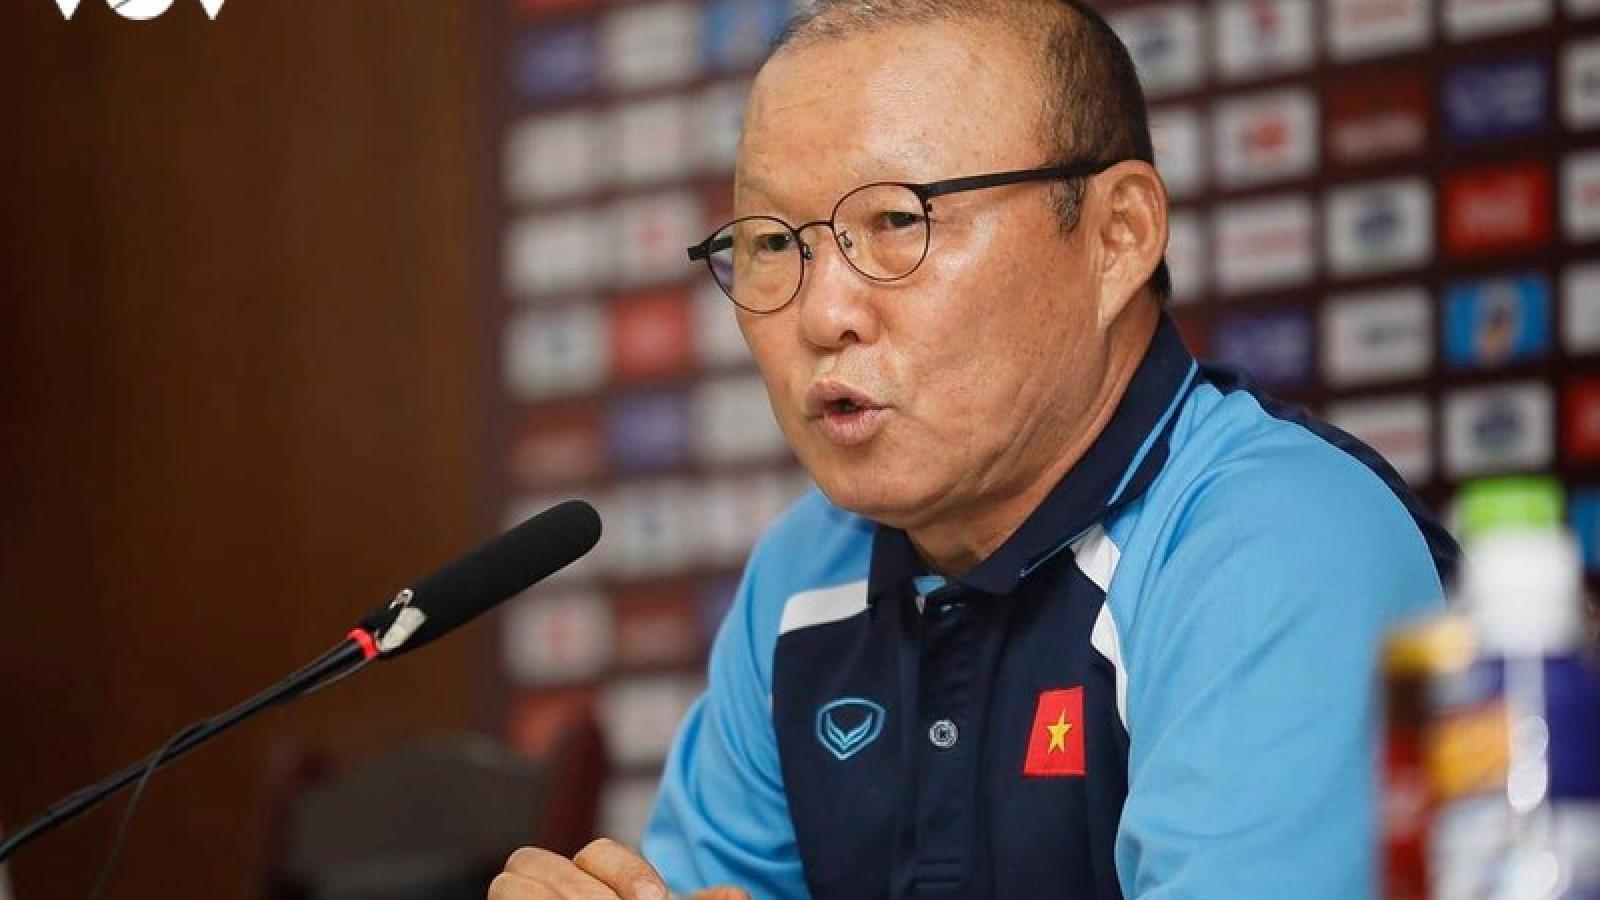 HLV Park Hang Seo: Nếu có thay đổi về lương, tôi có thể ký lại hợp đồng với VFF